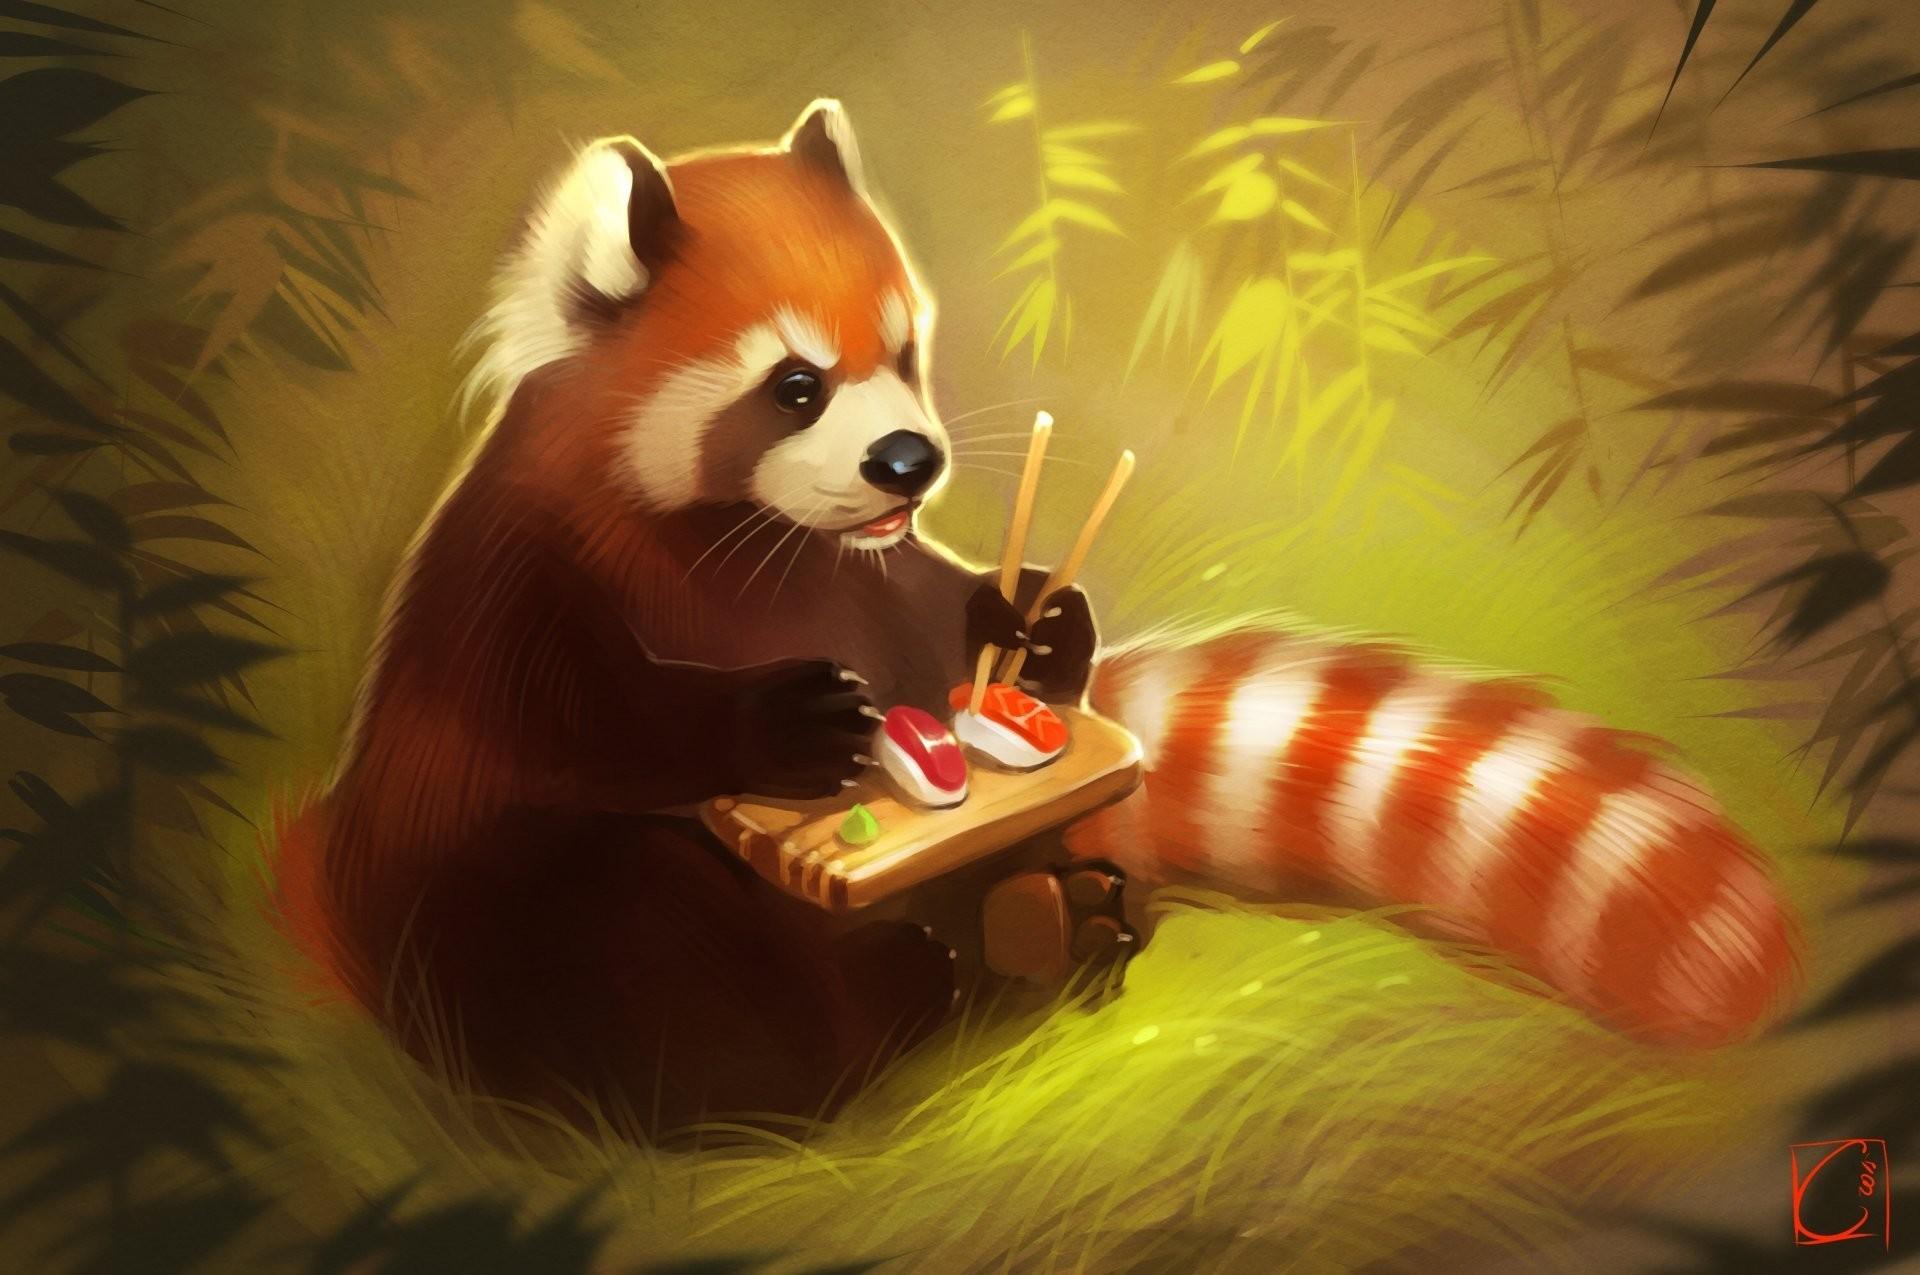 red panda art panda land bear